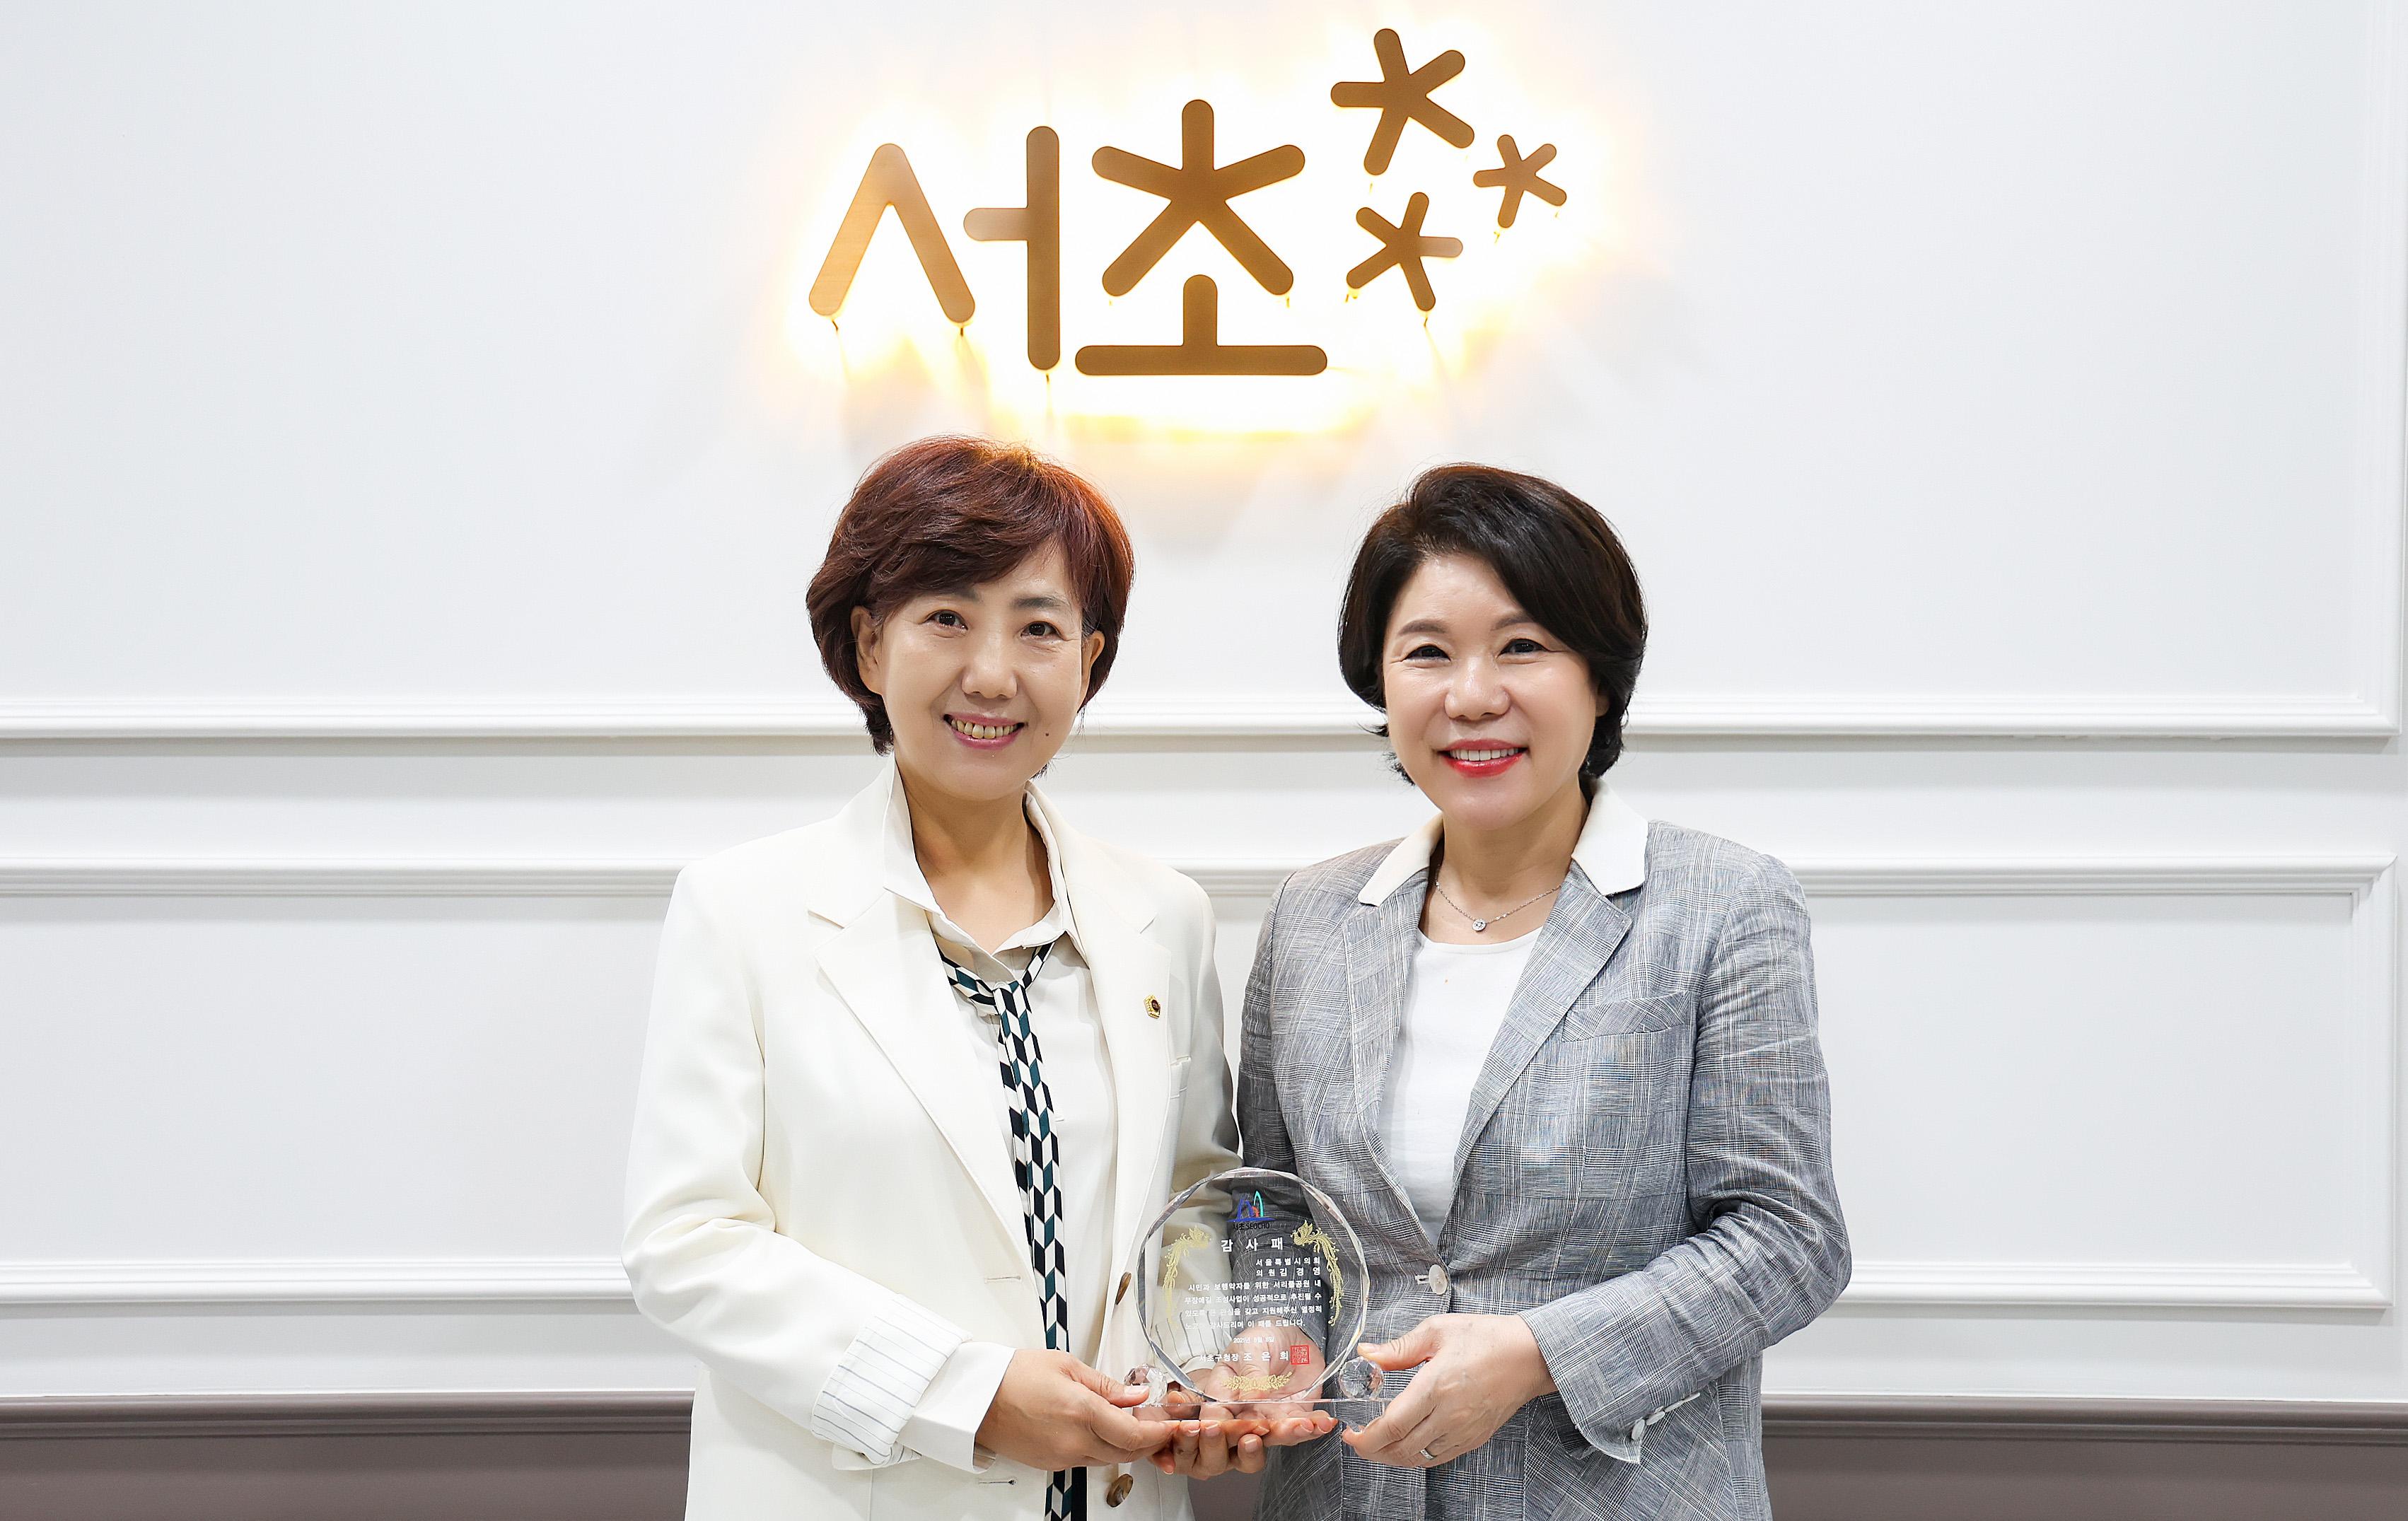 김경영 시의원 감사패 전달식 사진